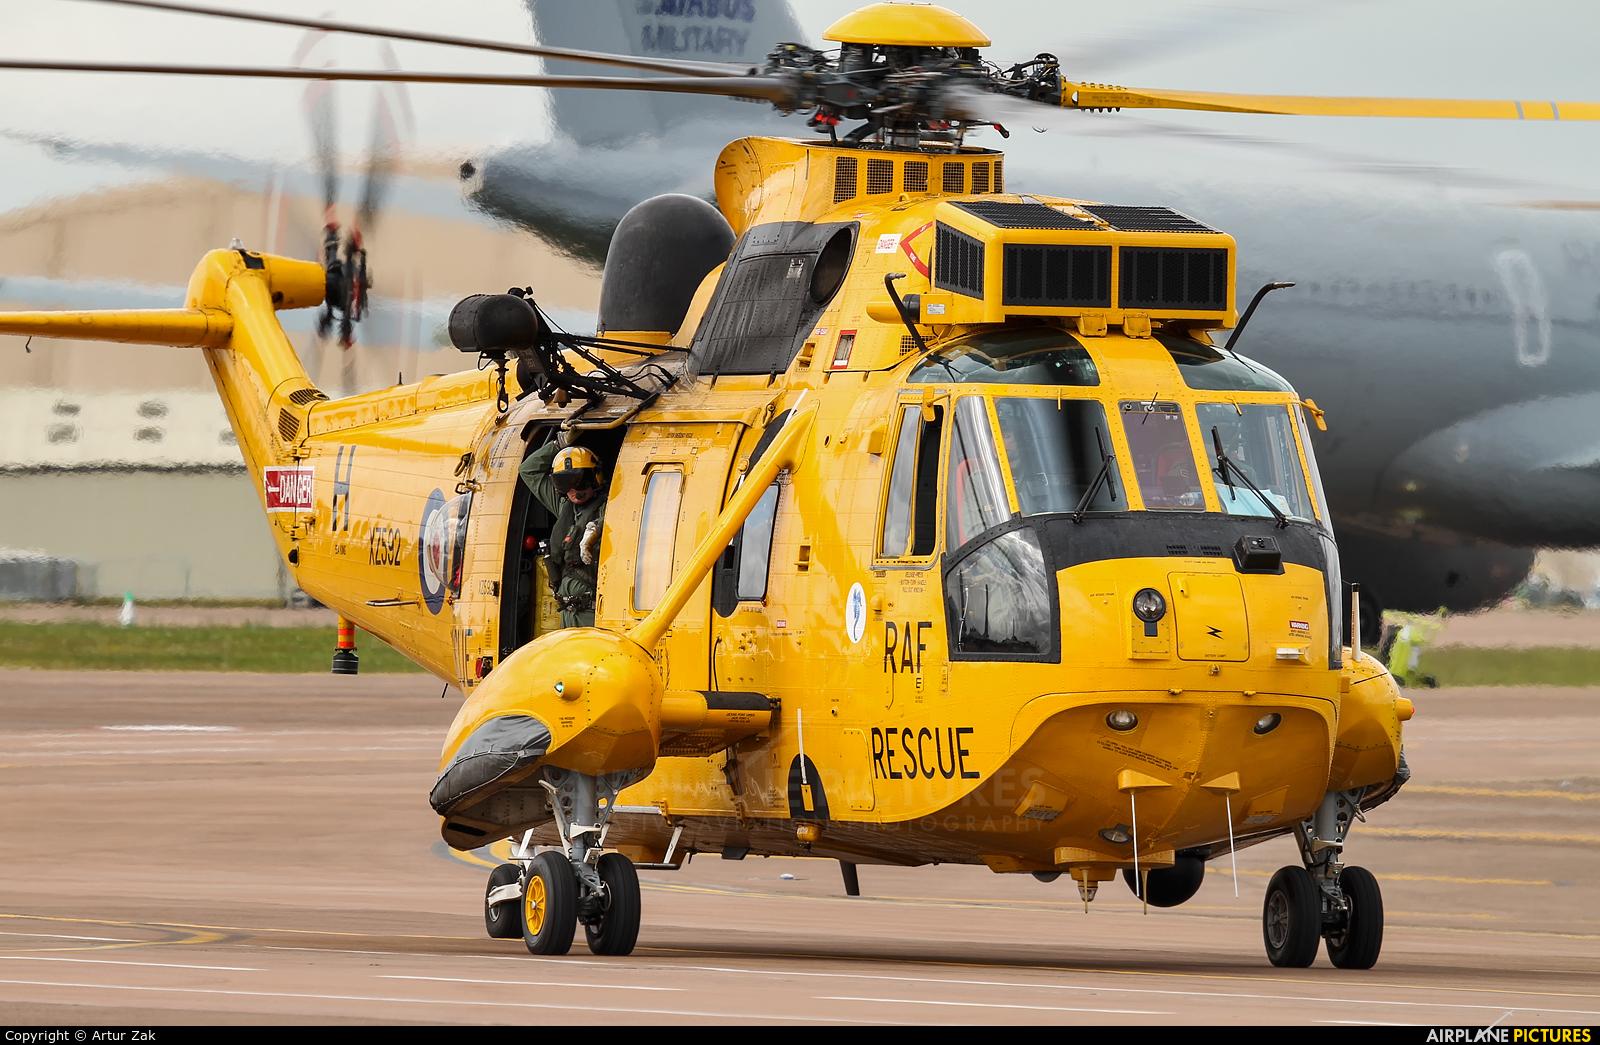 Royal Air Force XZ592 aircraft at Fairford